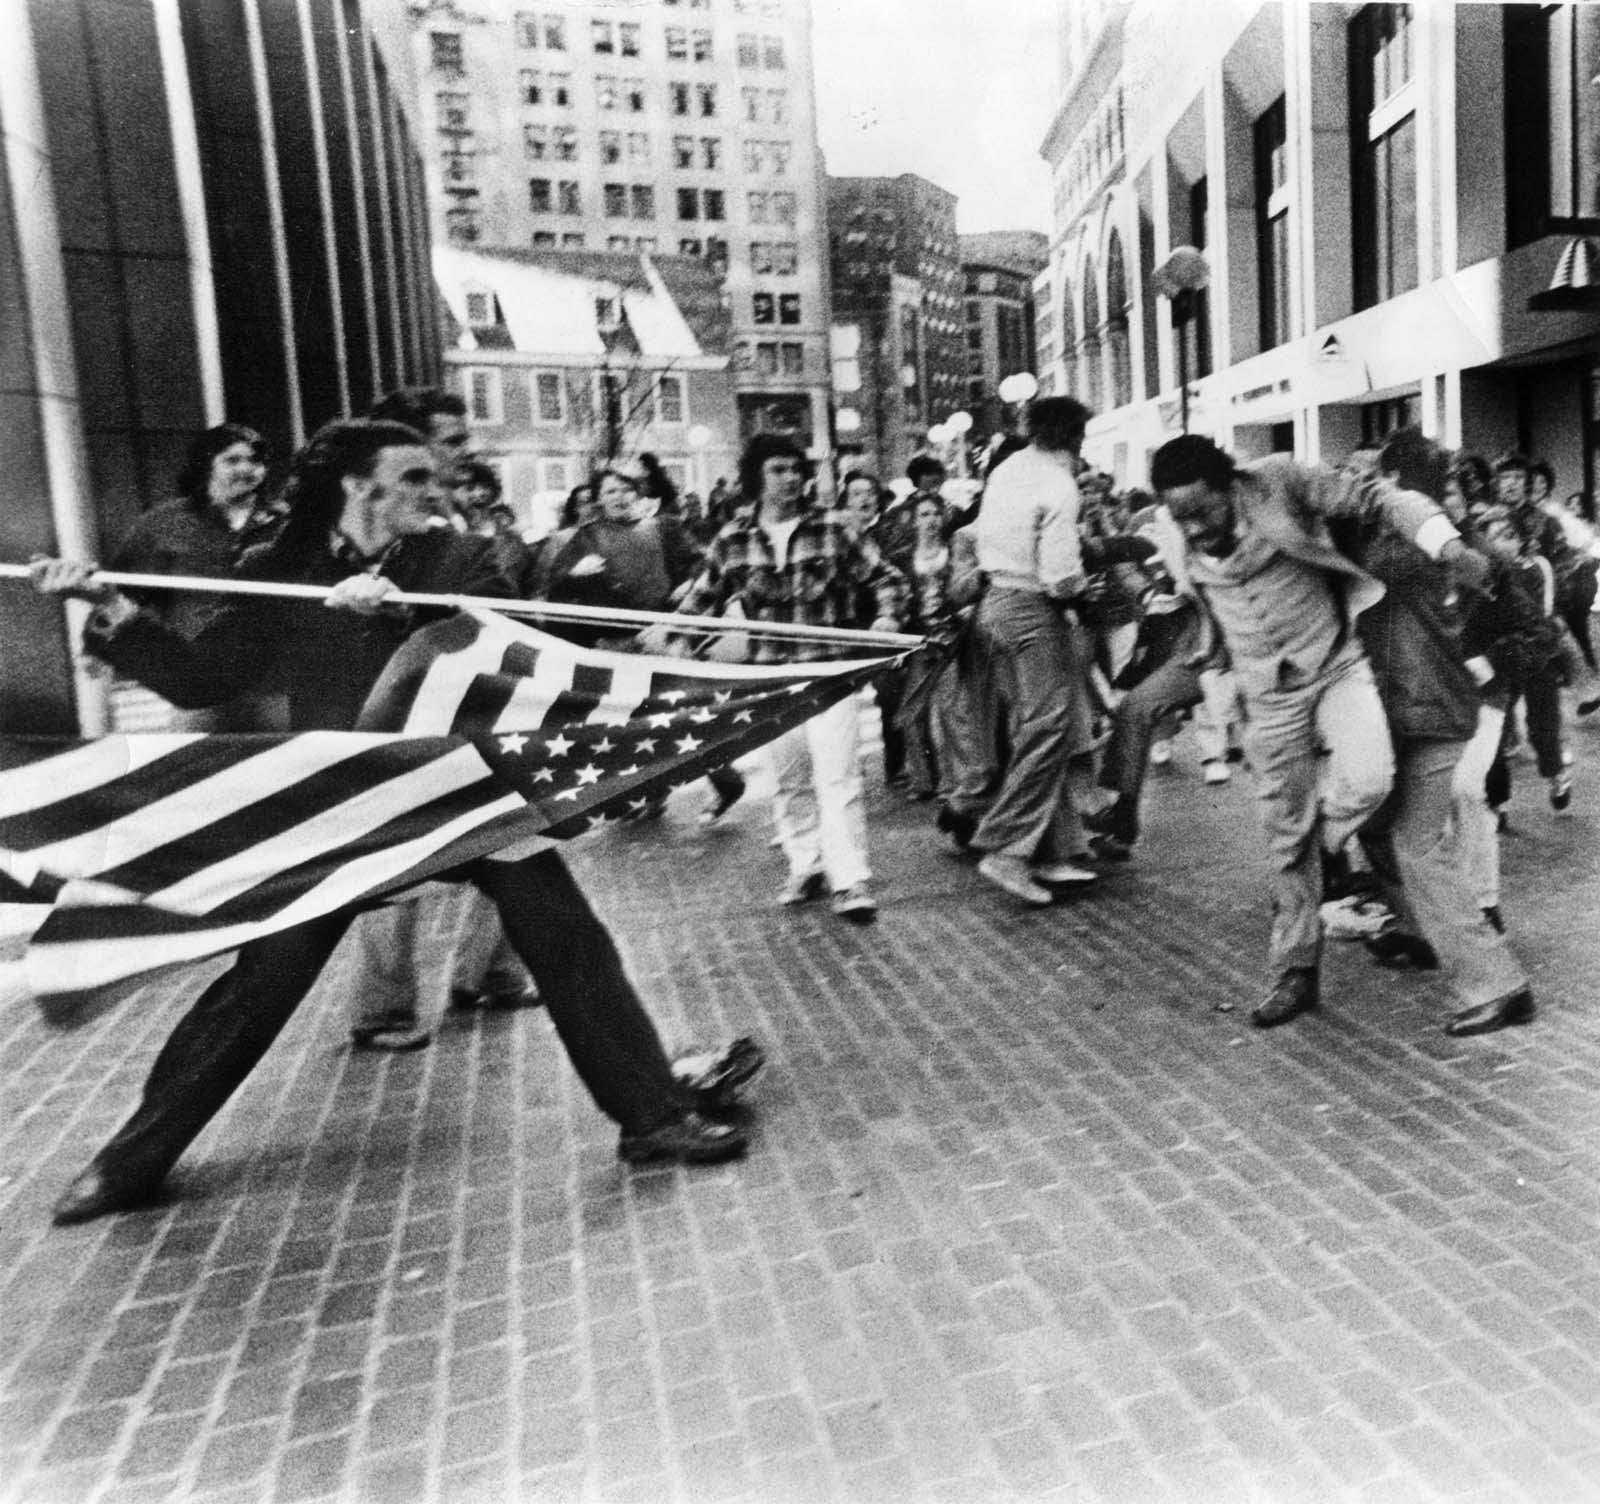 La suciedad de la vieja gloria, 1976